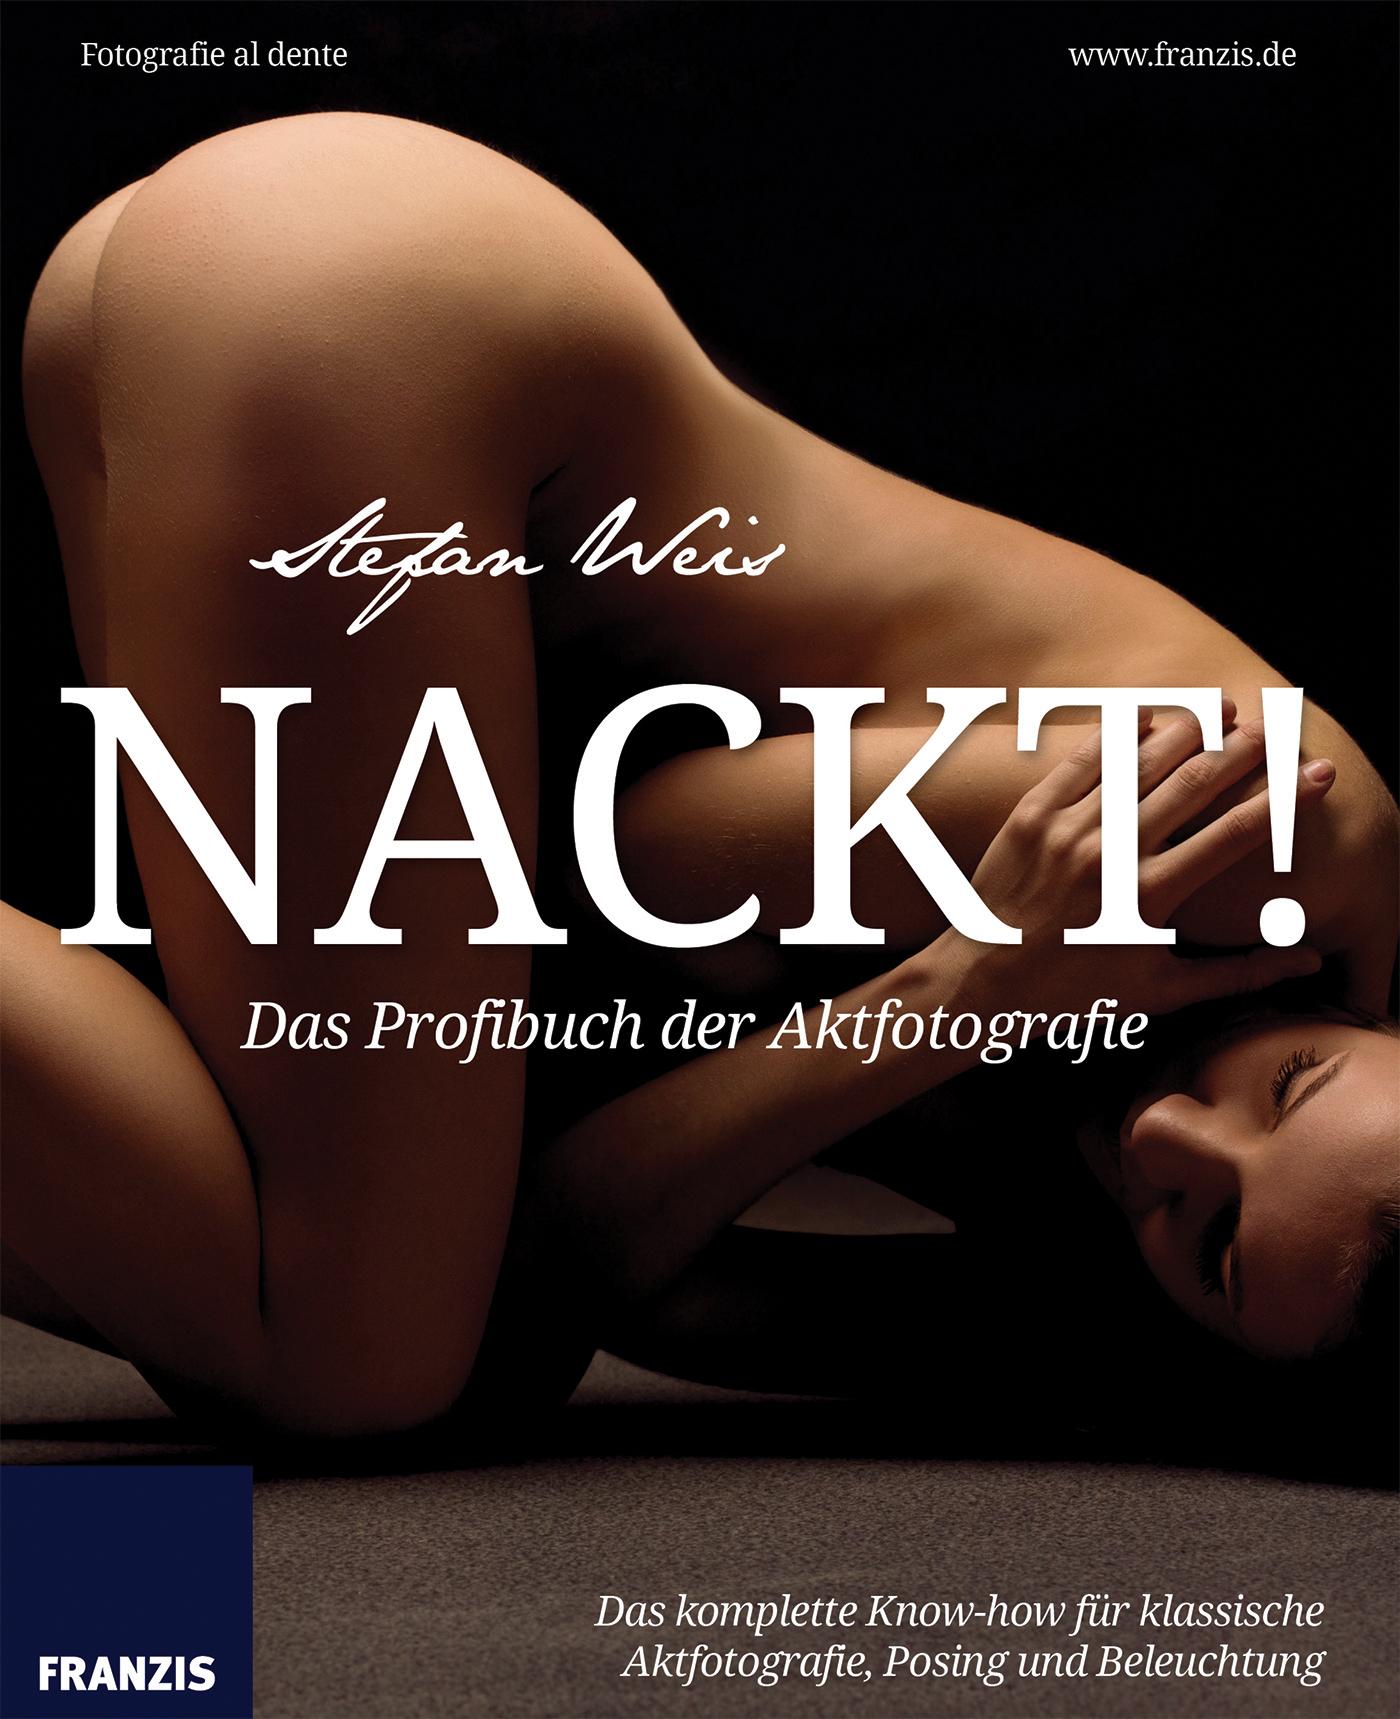 Stefan Weis Nackt! кондитерская горелка karl weis 15333